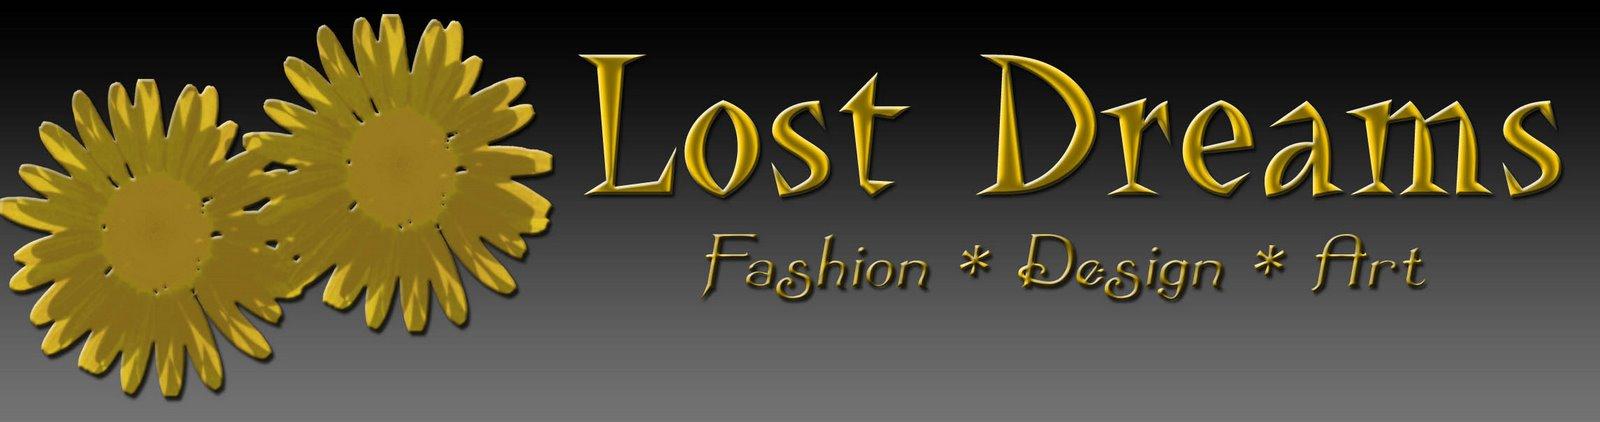 Lost Dreams Designs